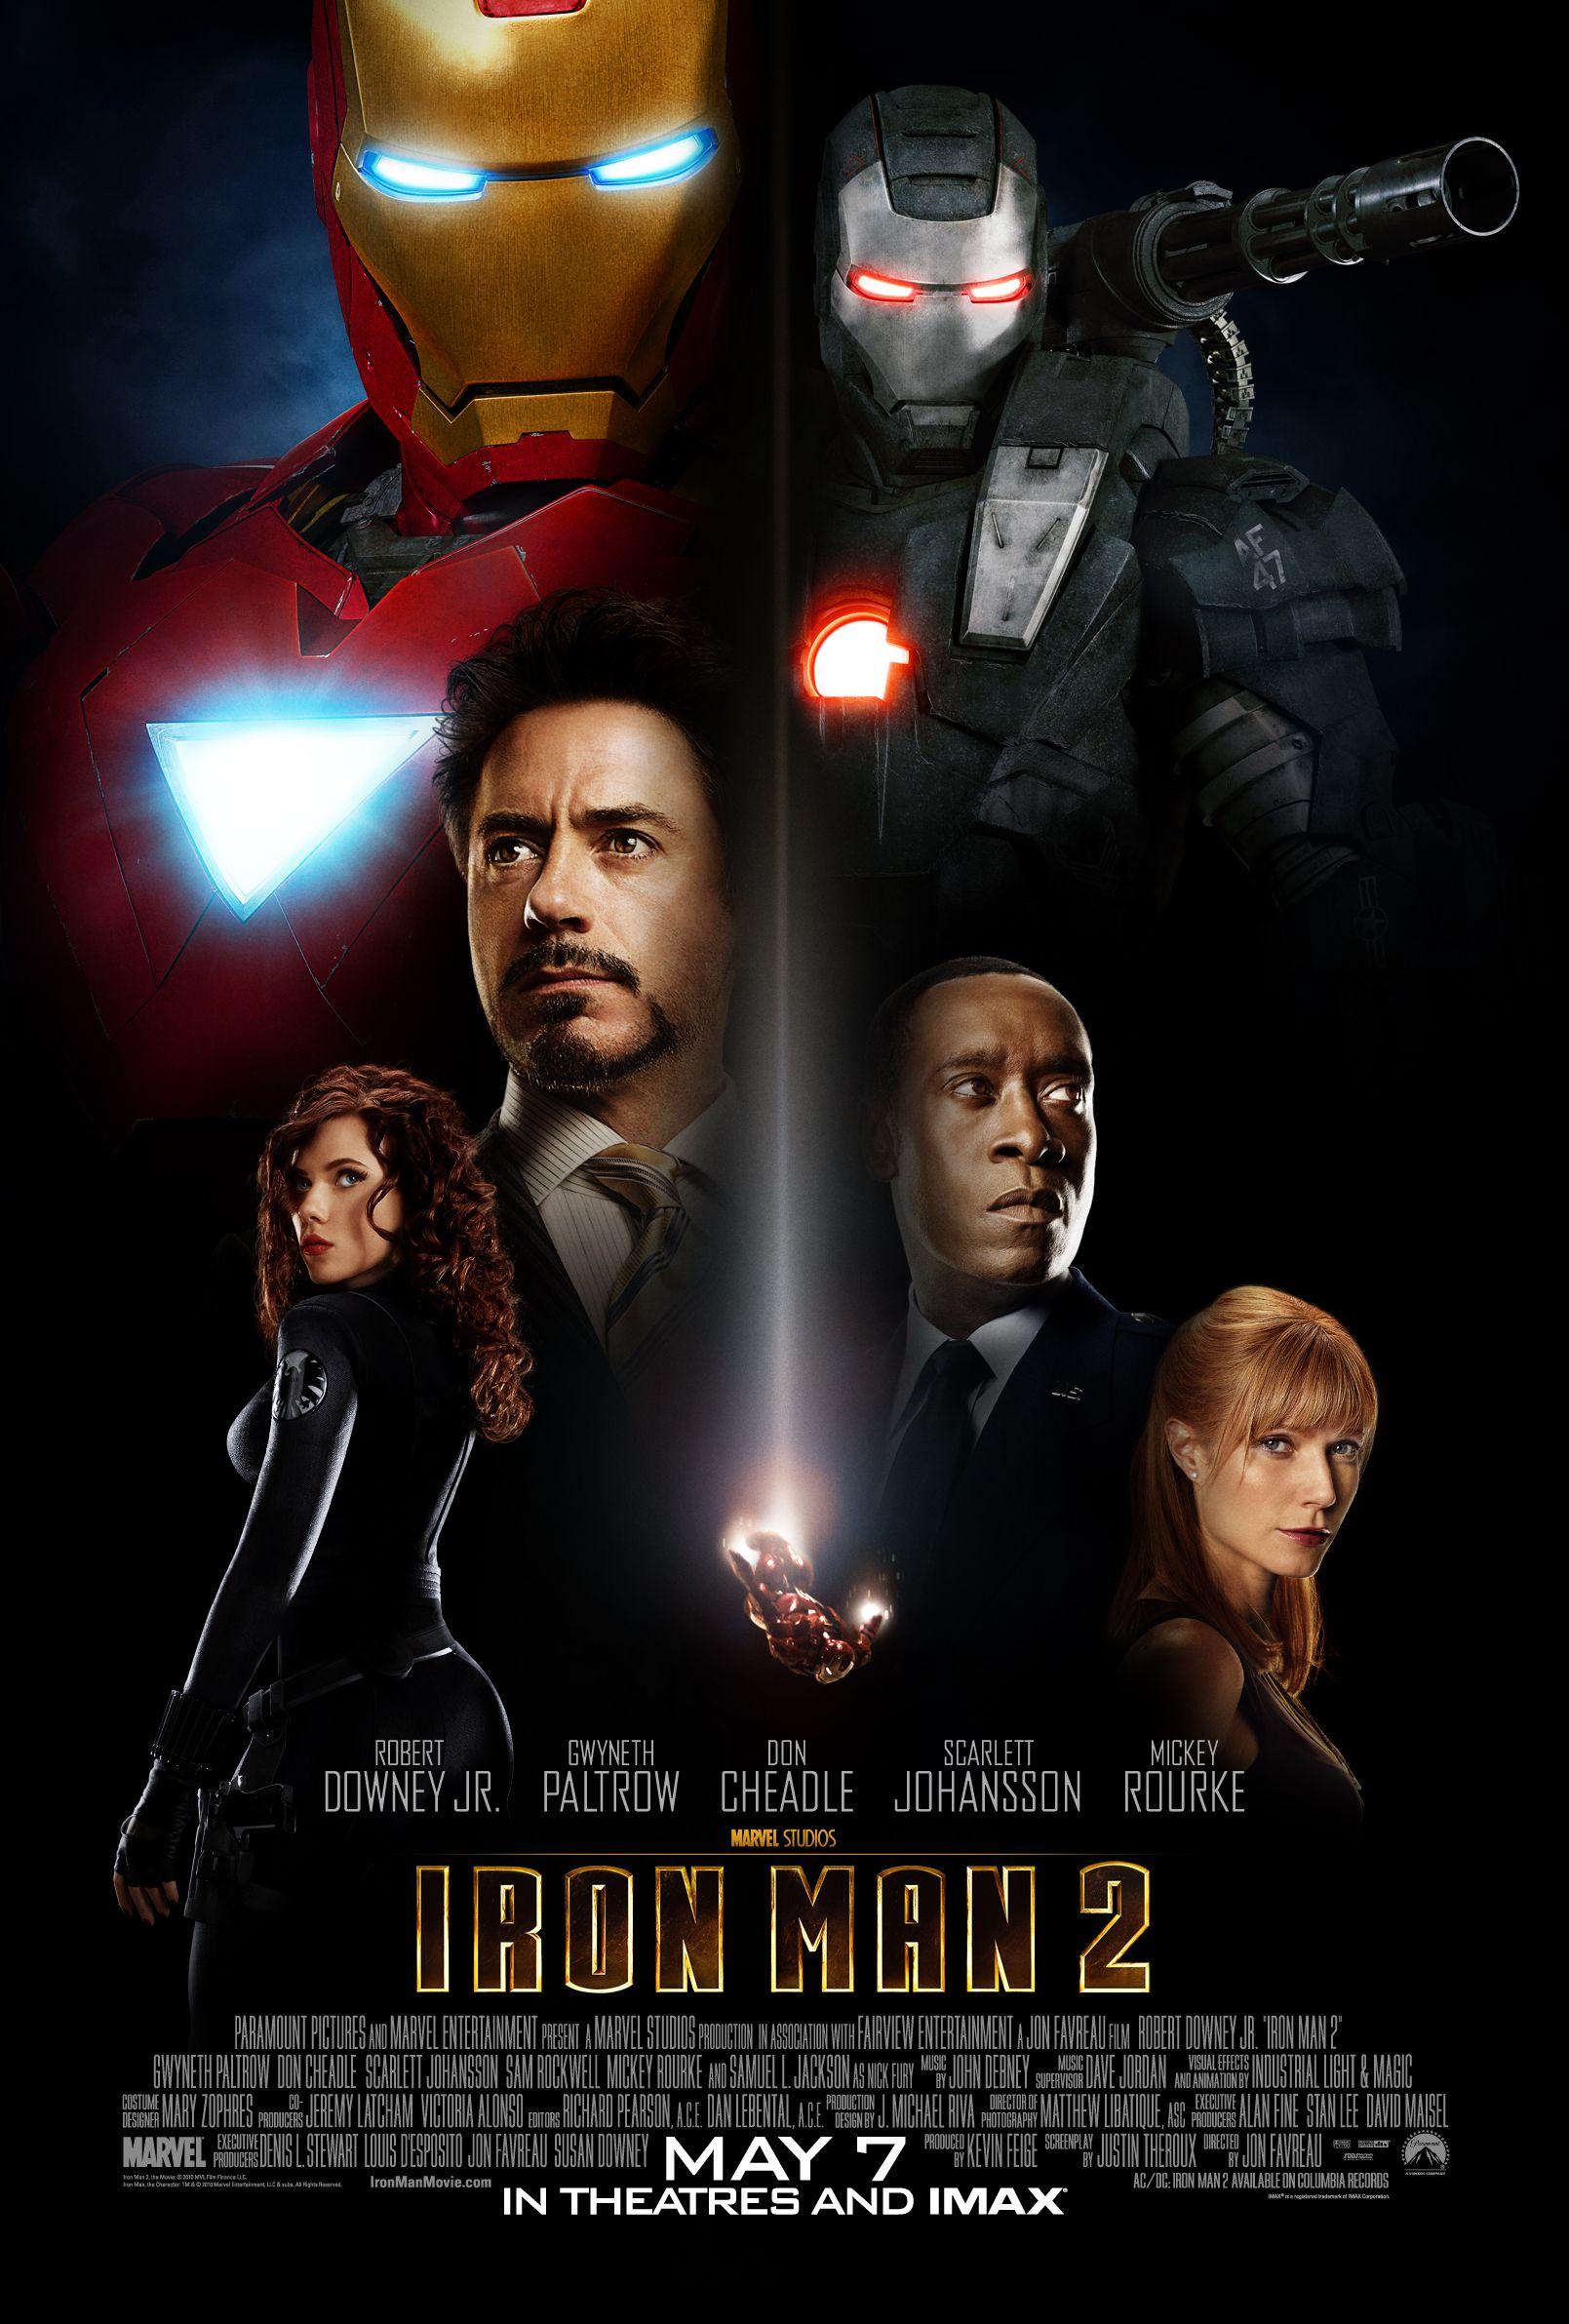 Como o MCU foi feito: 'Homem de Ferro 2' - Problemas de contrato e reformulação quais foram as disputas criativas 5